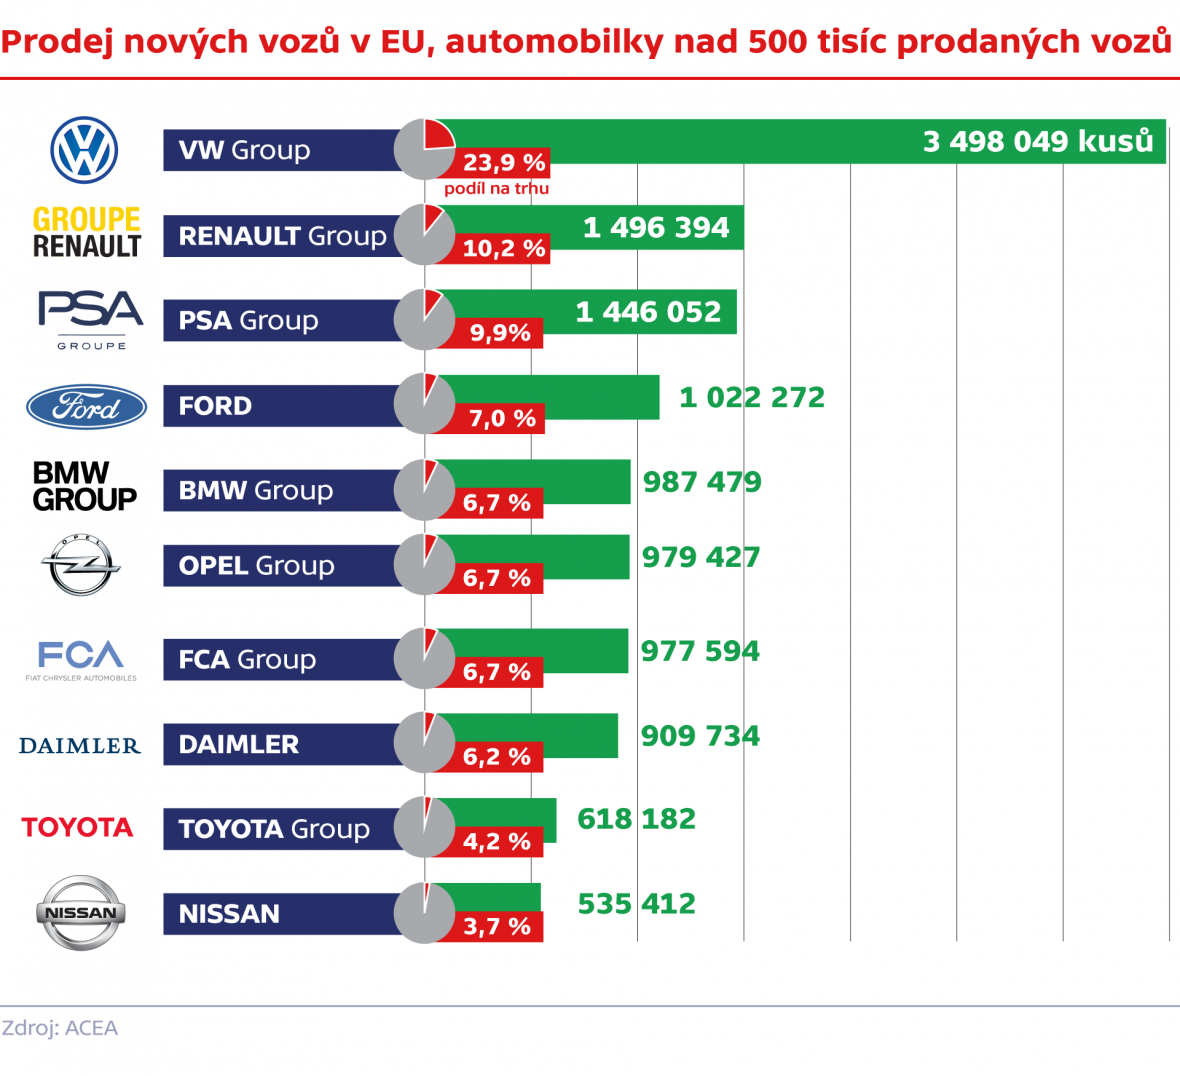 Prodej nových vozů v EU, automobilky nad 500 tisíc prodaných vozů